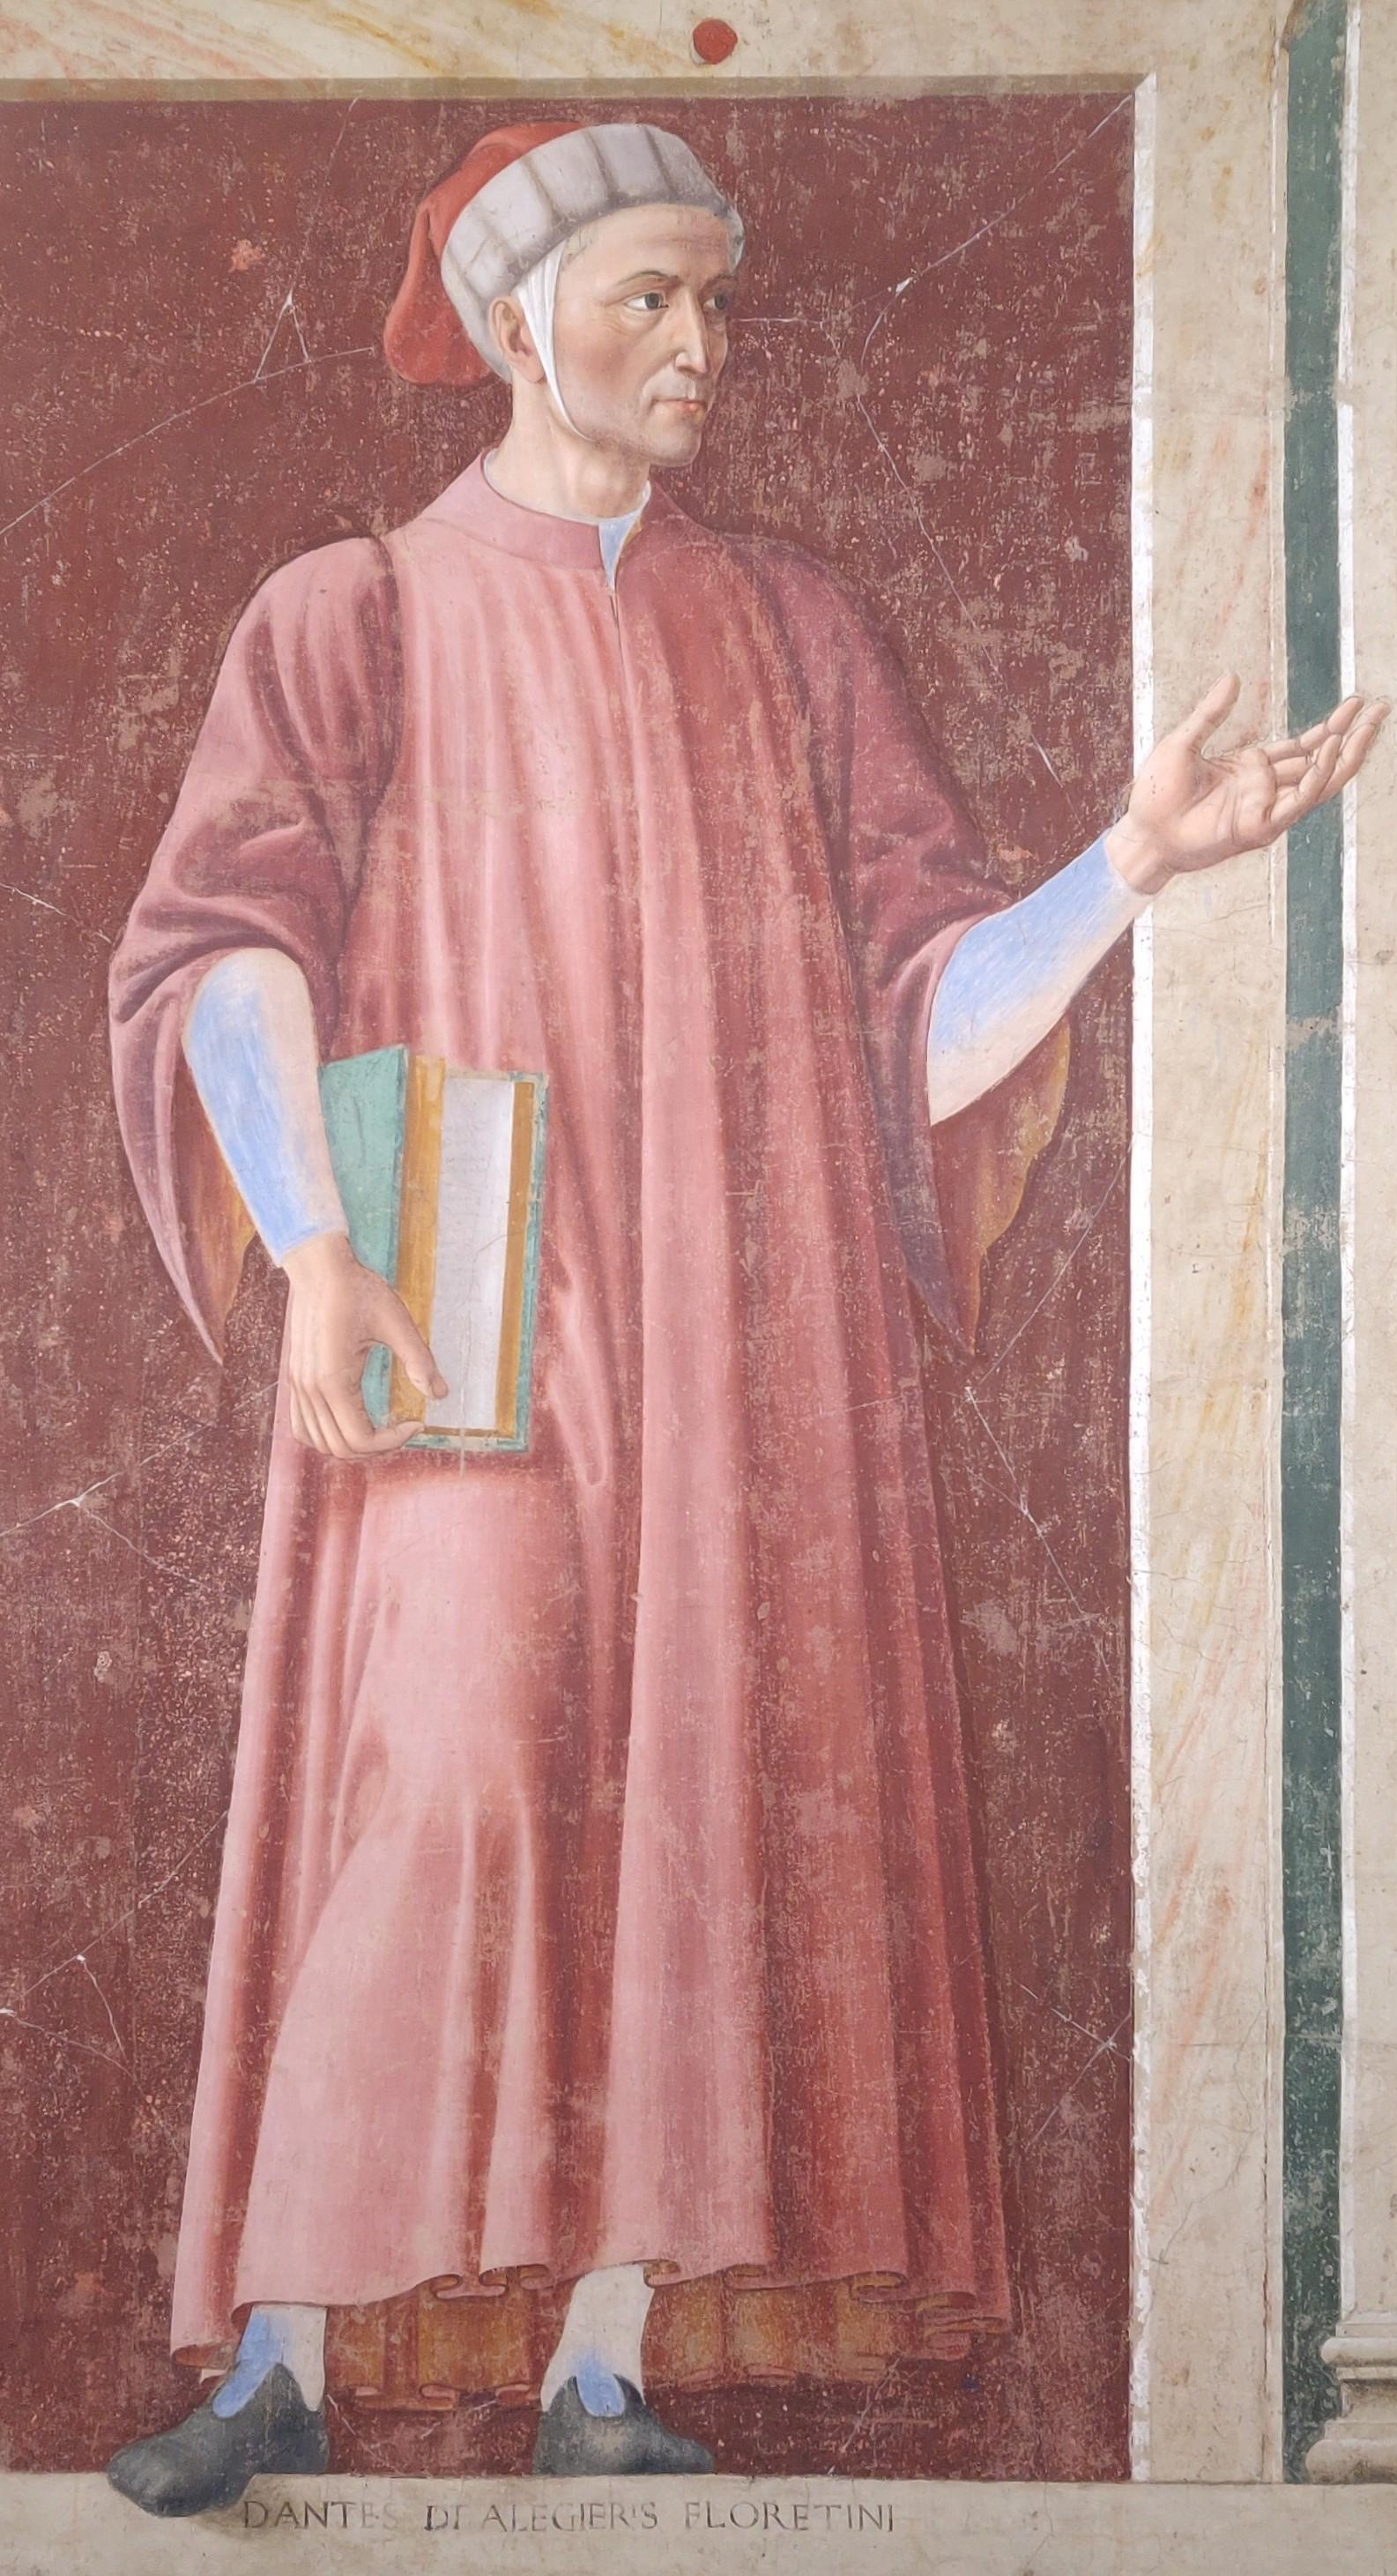 Andrea del Castagno, Dante Alighieri, dal ciclo degli Uomini e donne illustri (1450 circa; affresco staccato e trasportato su tela, 250 x 150 cm; Firenze, Gallerie degli Uffizi, Gallerie delle Statue e delle Pitture)